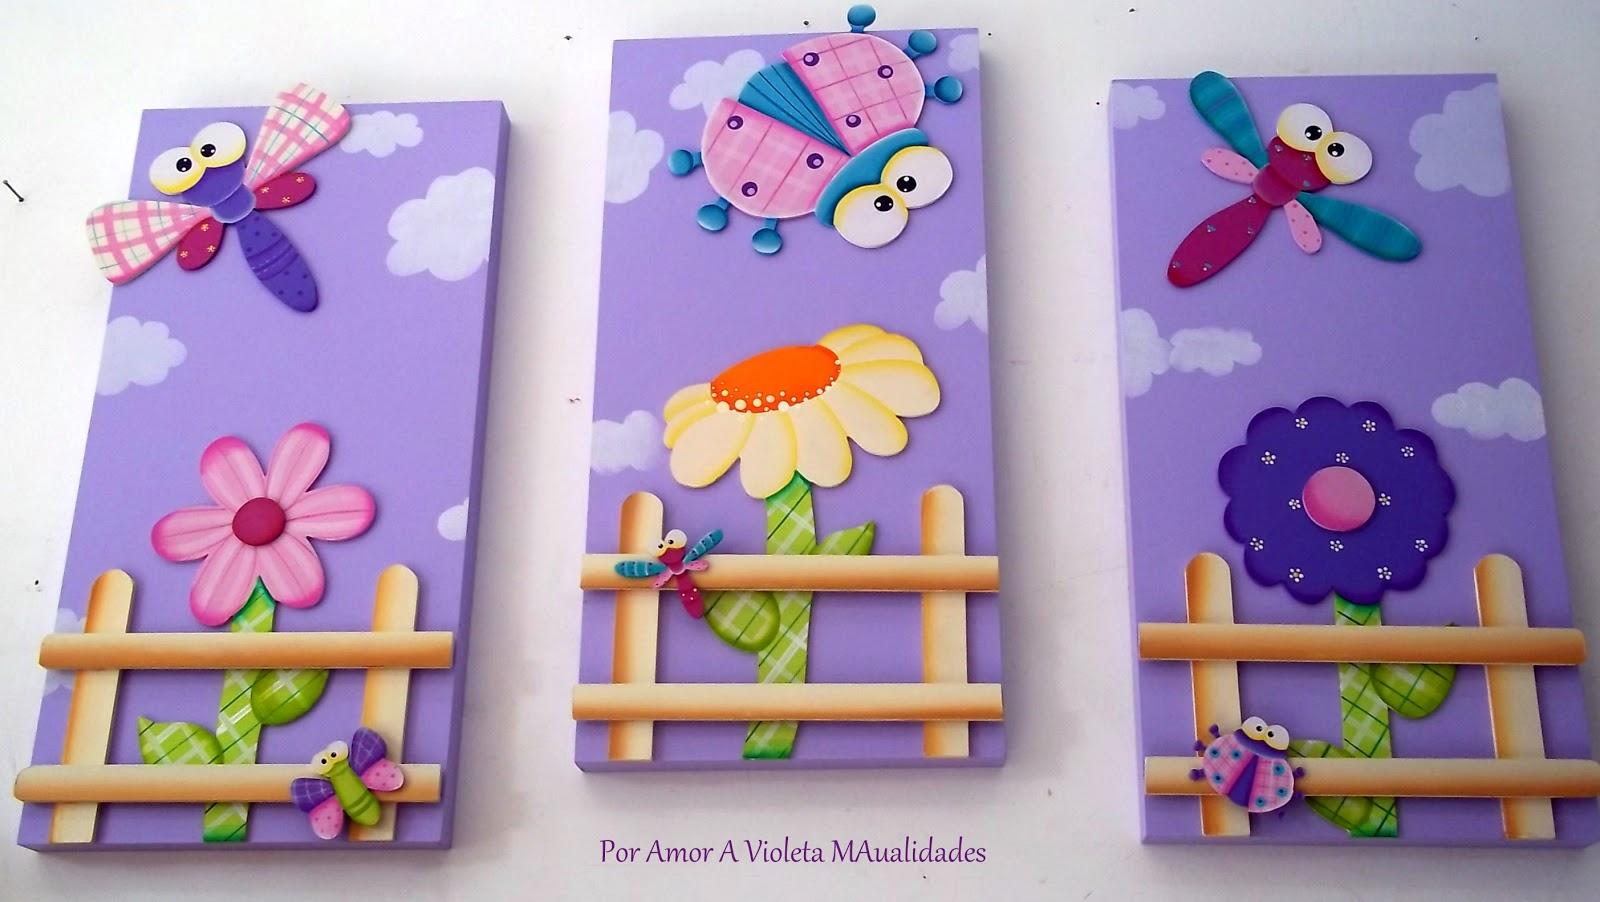 Por amor a violeta manualidades arte terapia vicio de - Pinturas habitaciones infantiles ...